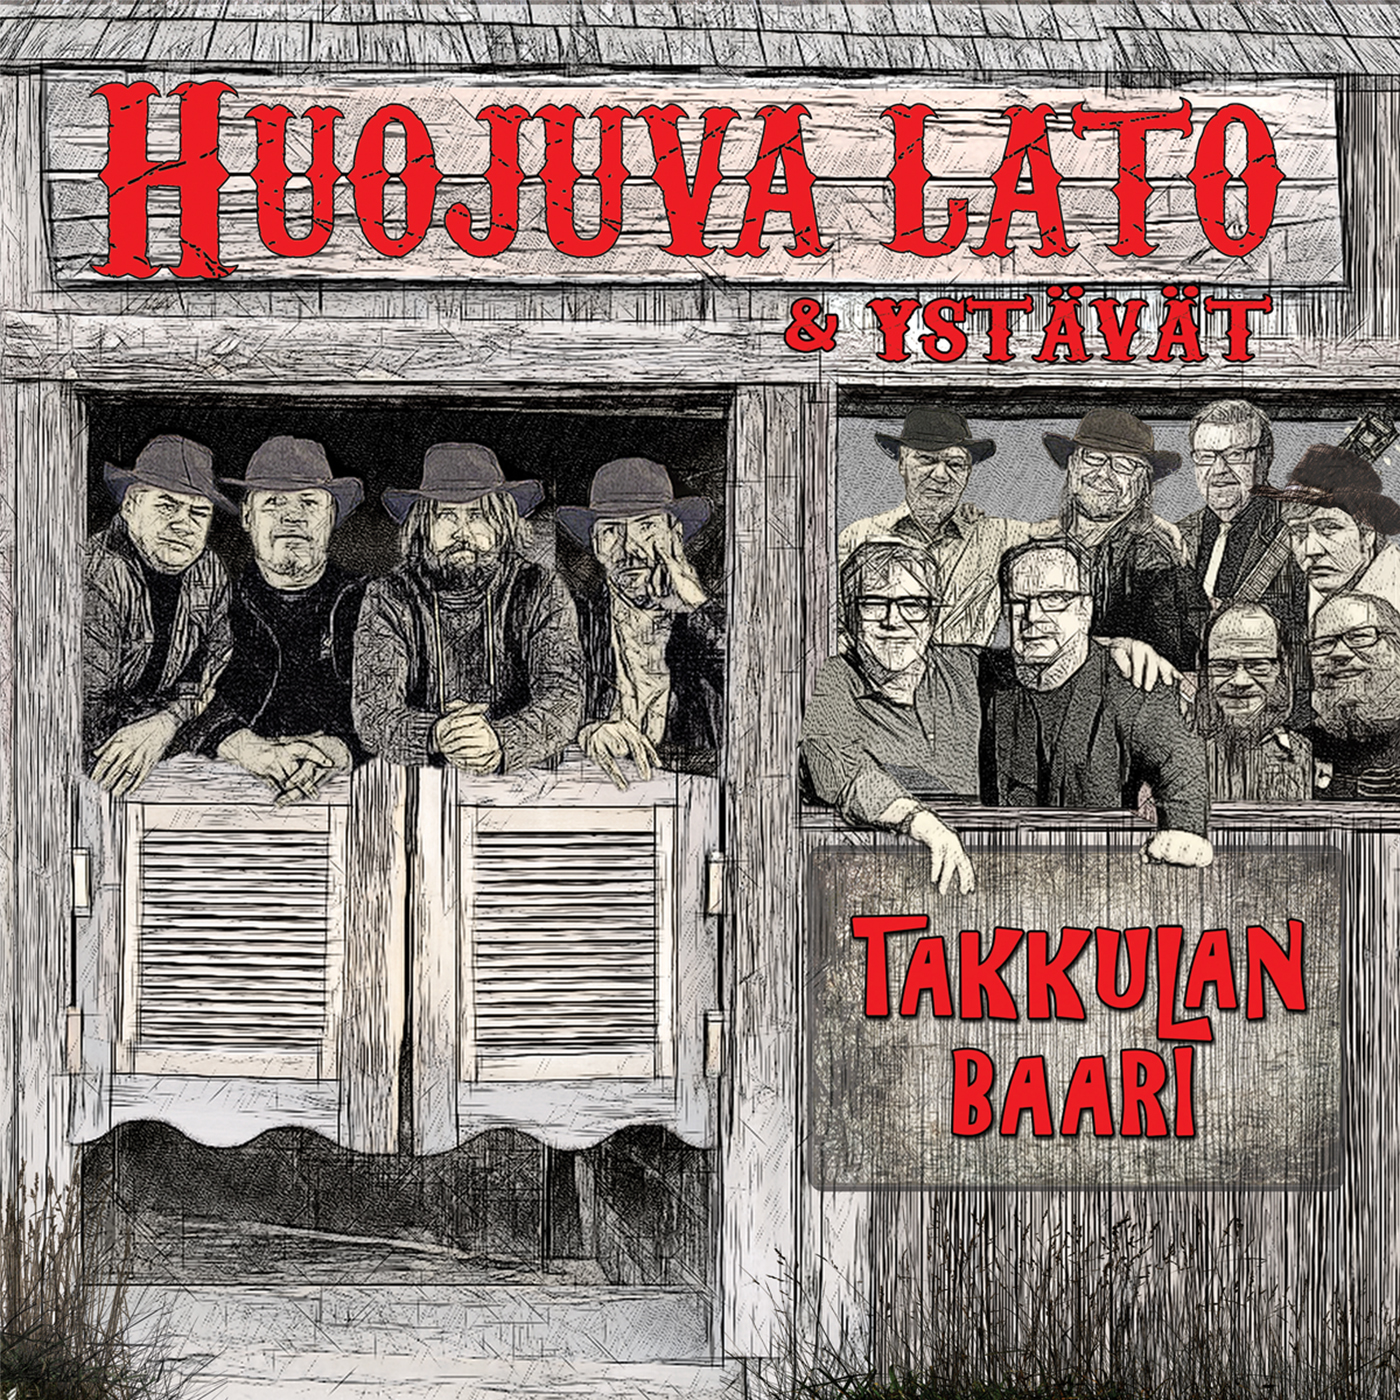 Huojuva lato & ystävät - Takkulan baari